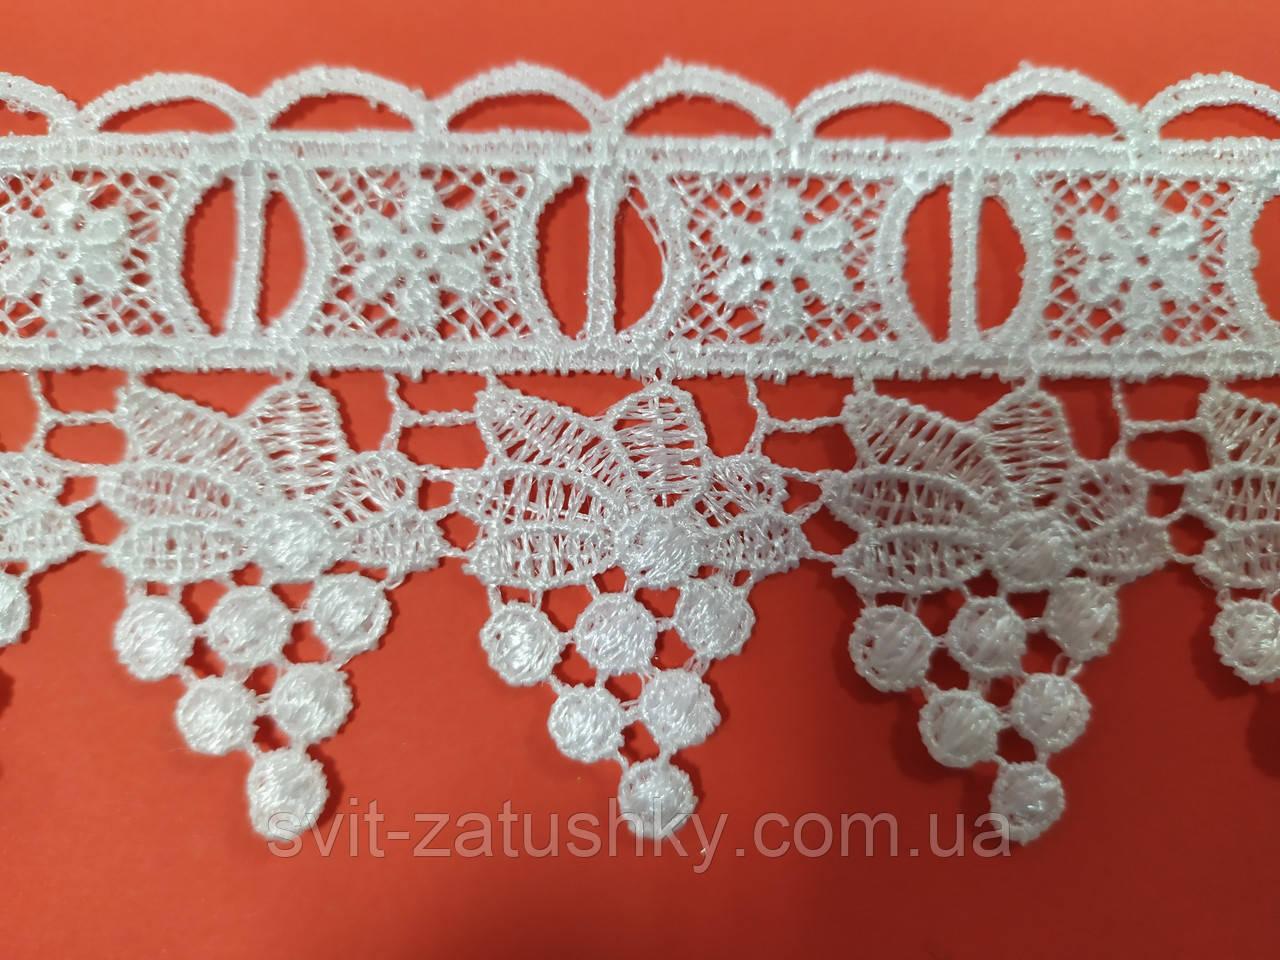 Біле Мереживо шириною 6 см /Мереживо щільне біле ширина 6 см